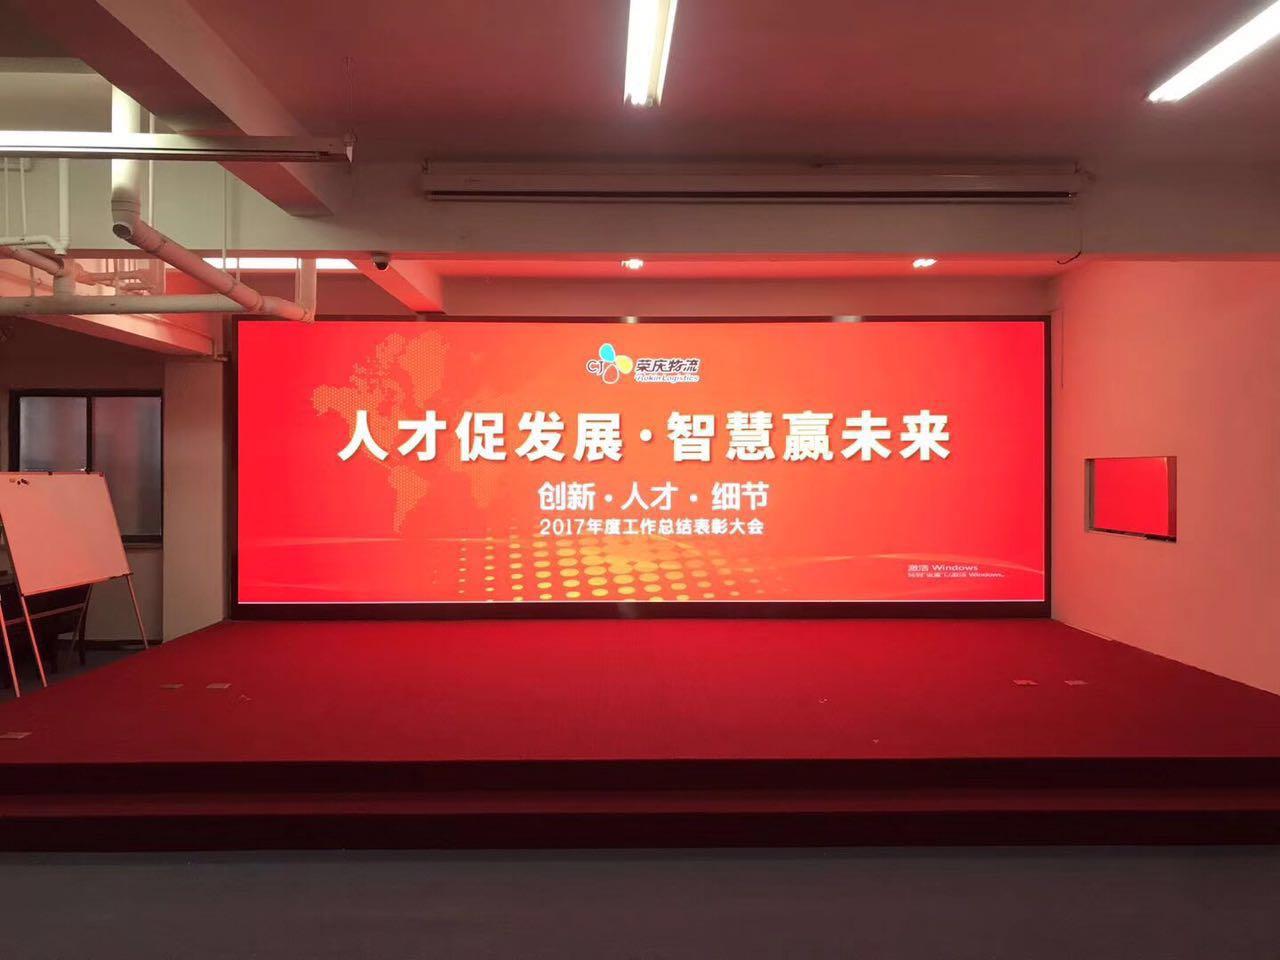 上海優質LED顯示屏要多少錢 創造輝煌 上海諳顯電子技術供應